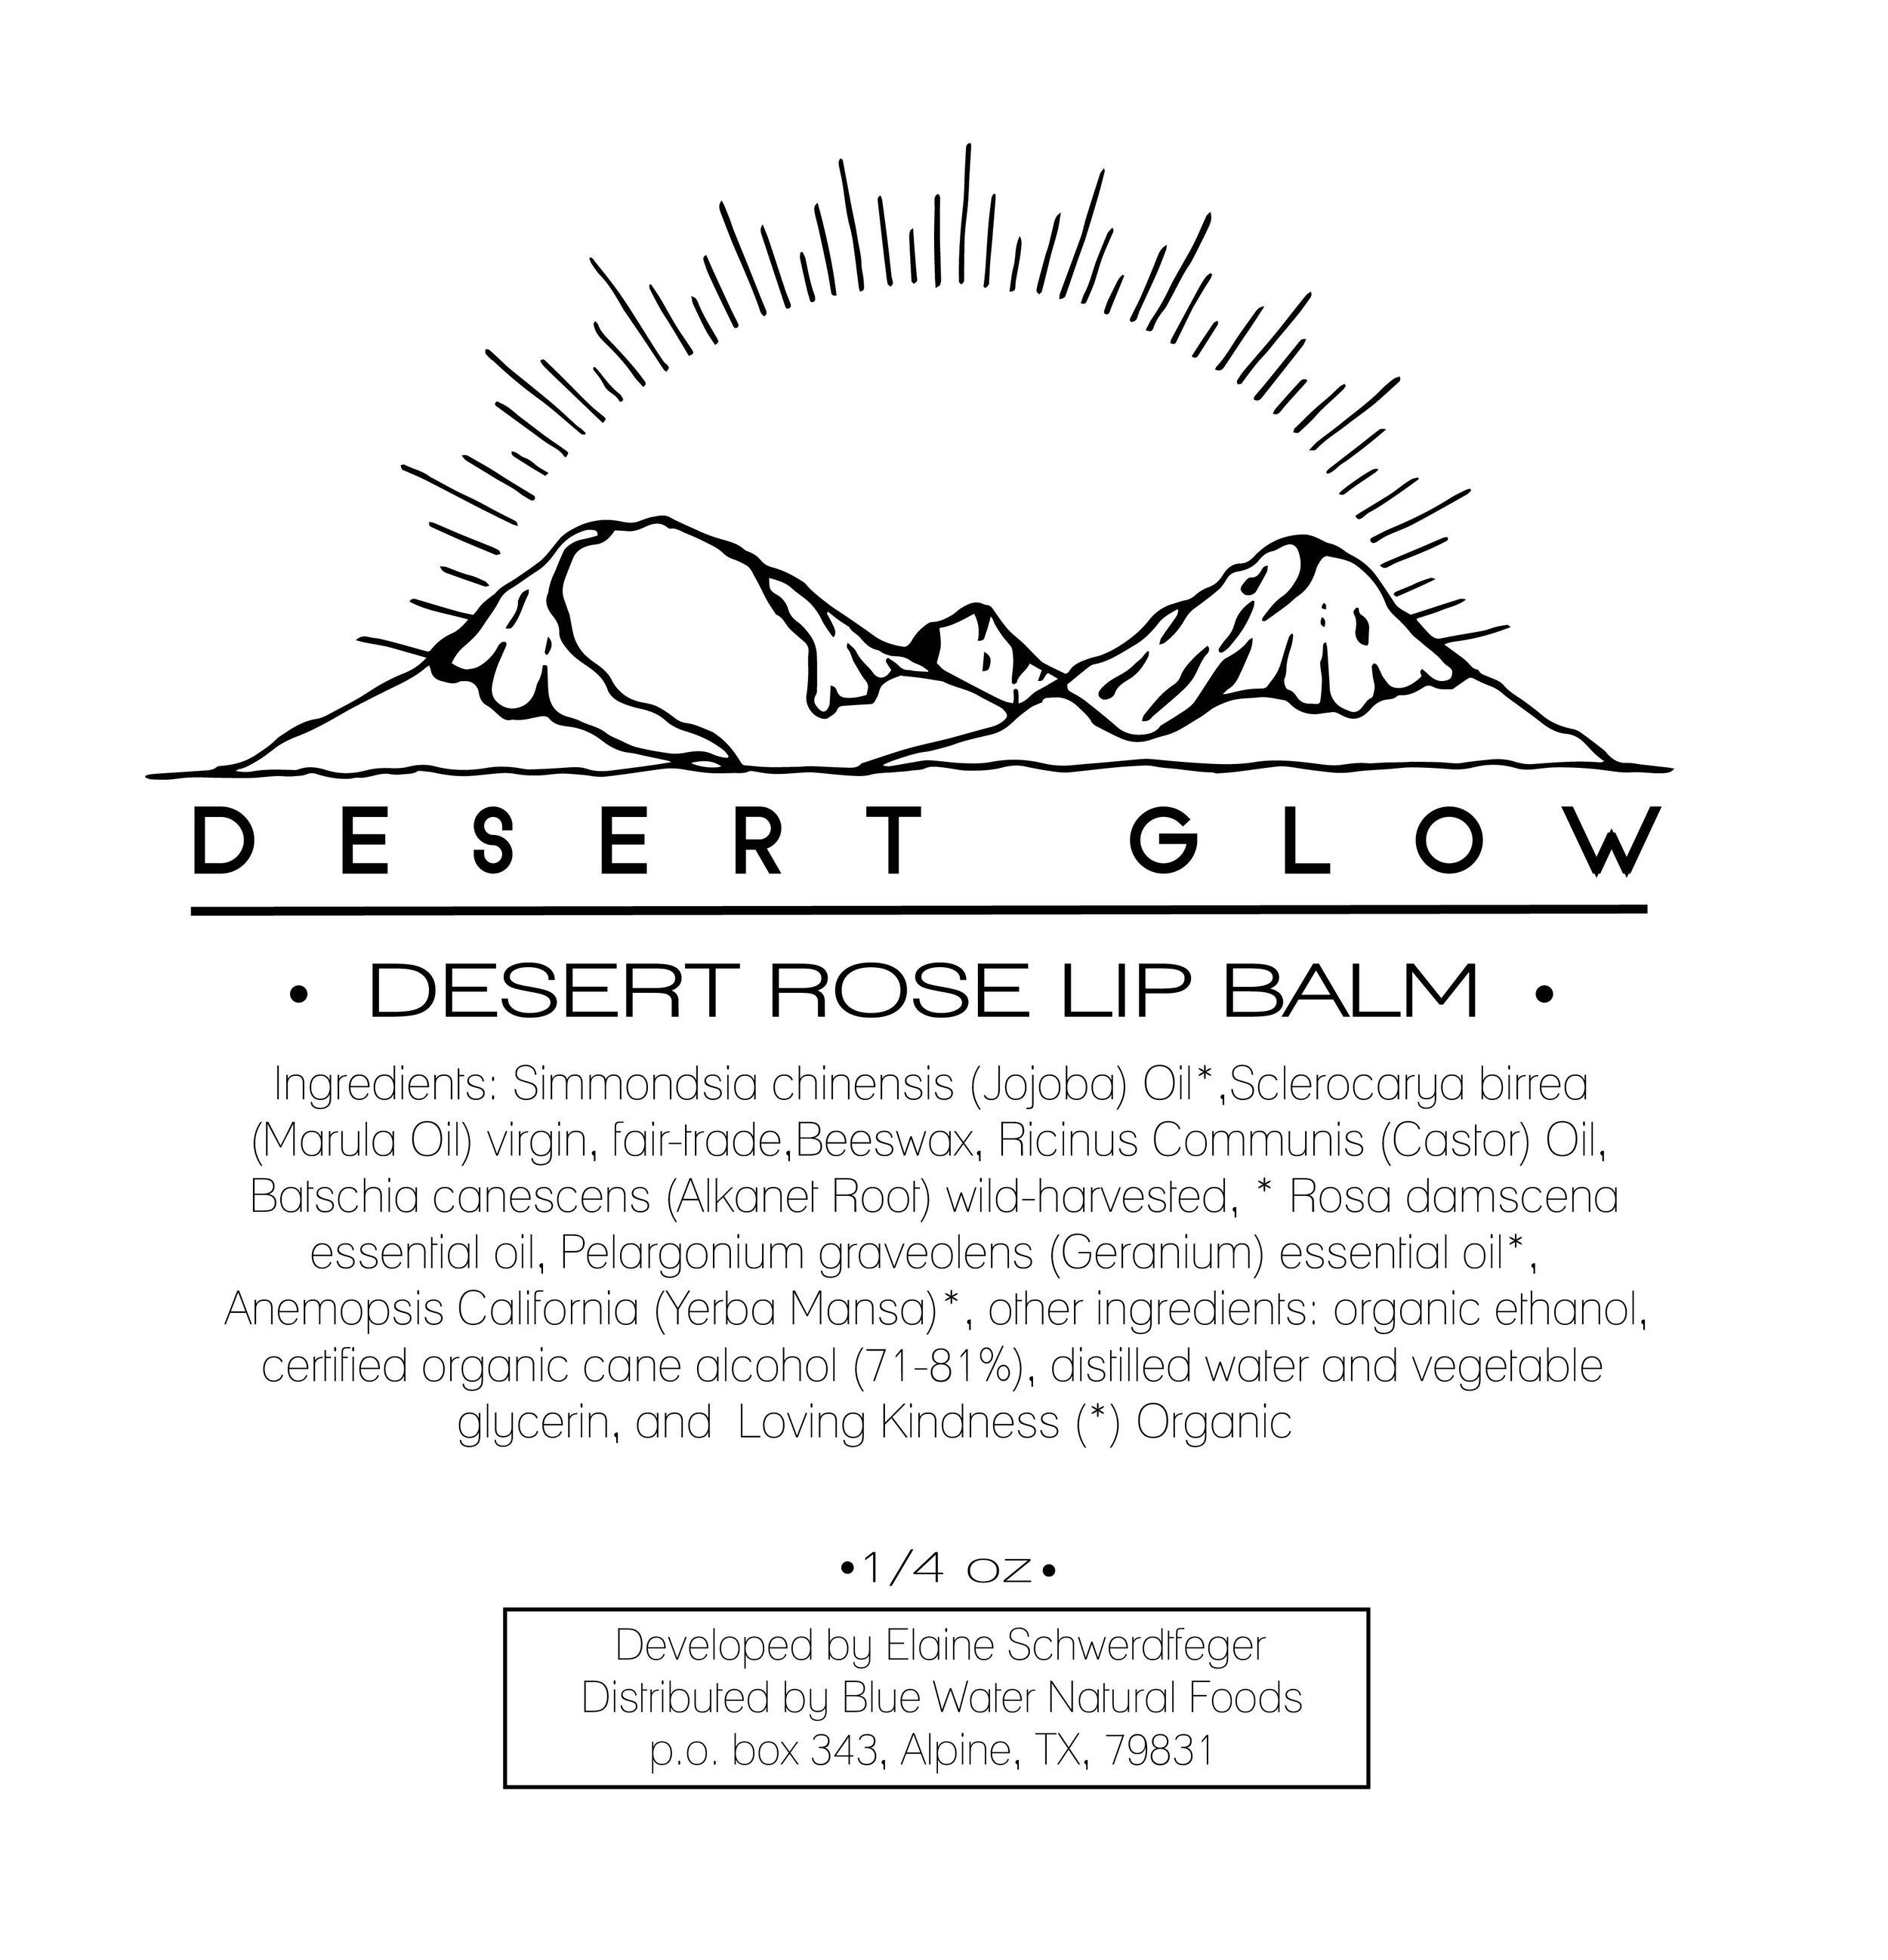 DesertGlow1-01.jpg